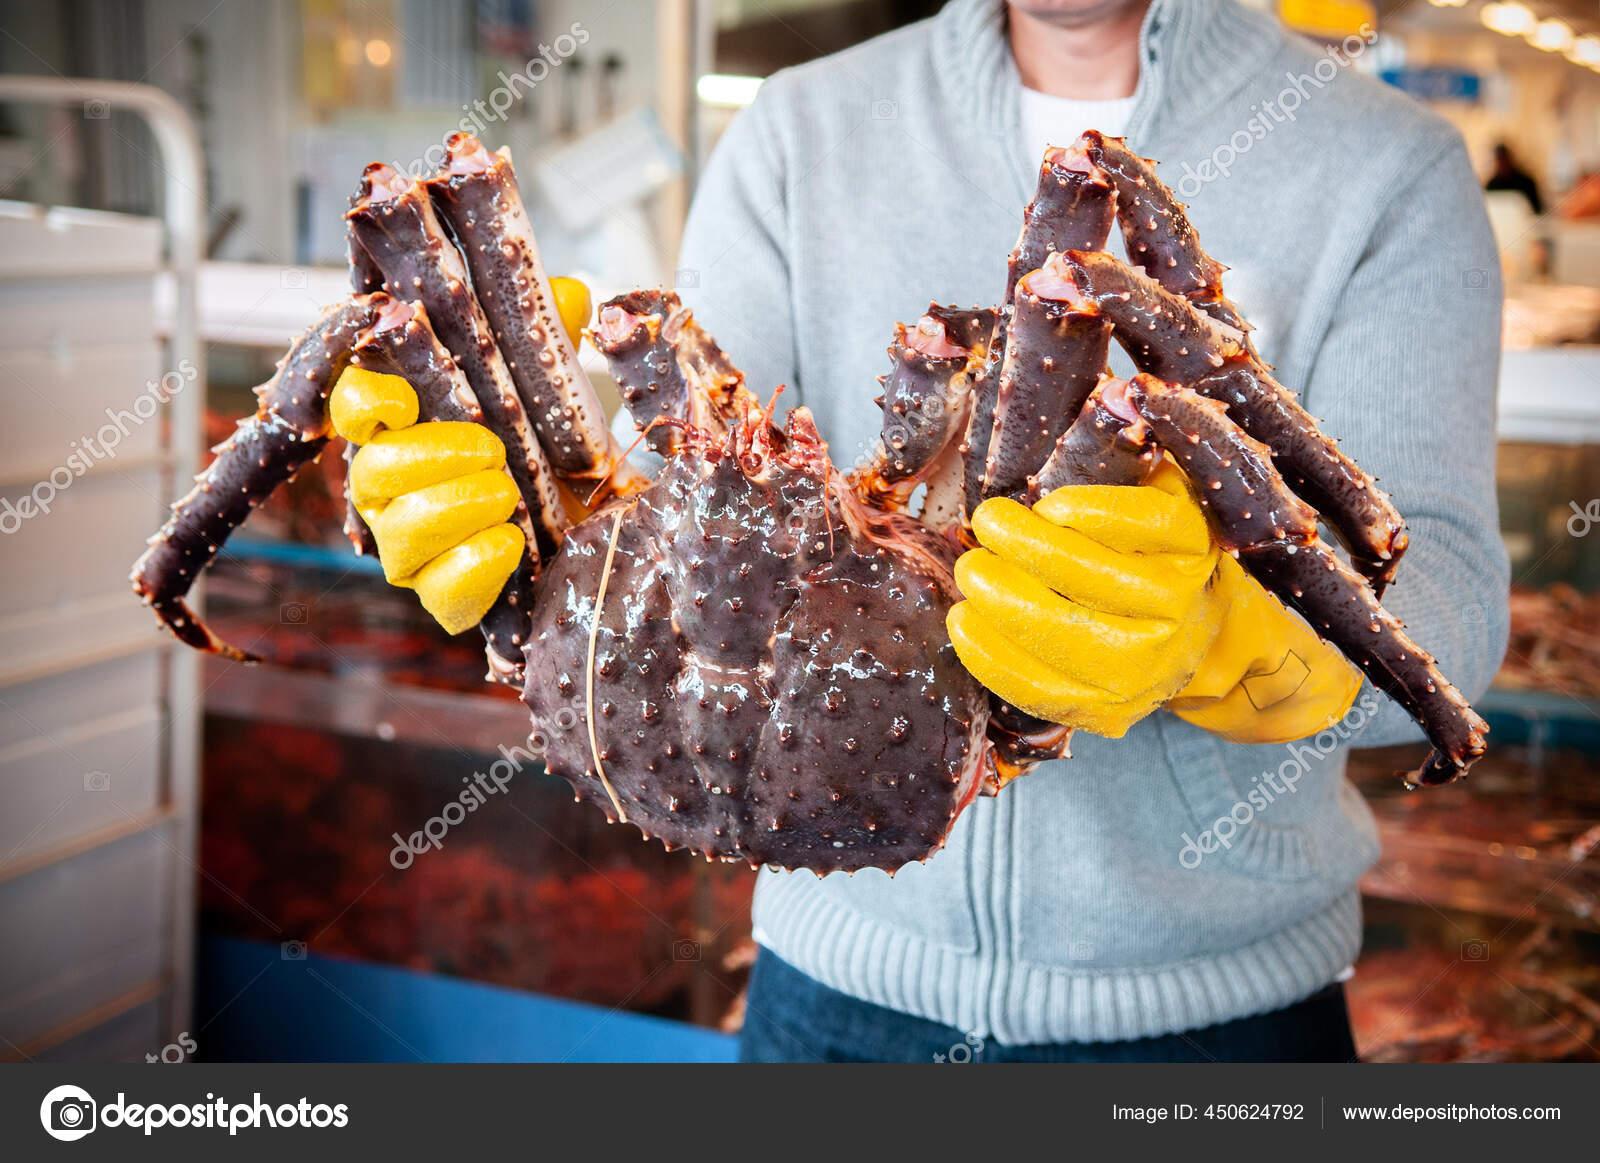 Japanese King Crab Stok Foto Japanese King Crab Gambar Bebas Royalti Depositphotos